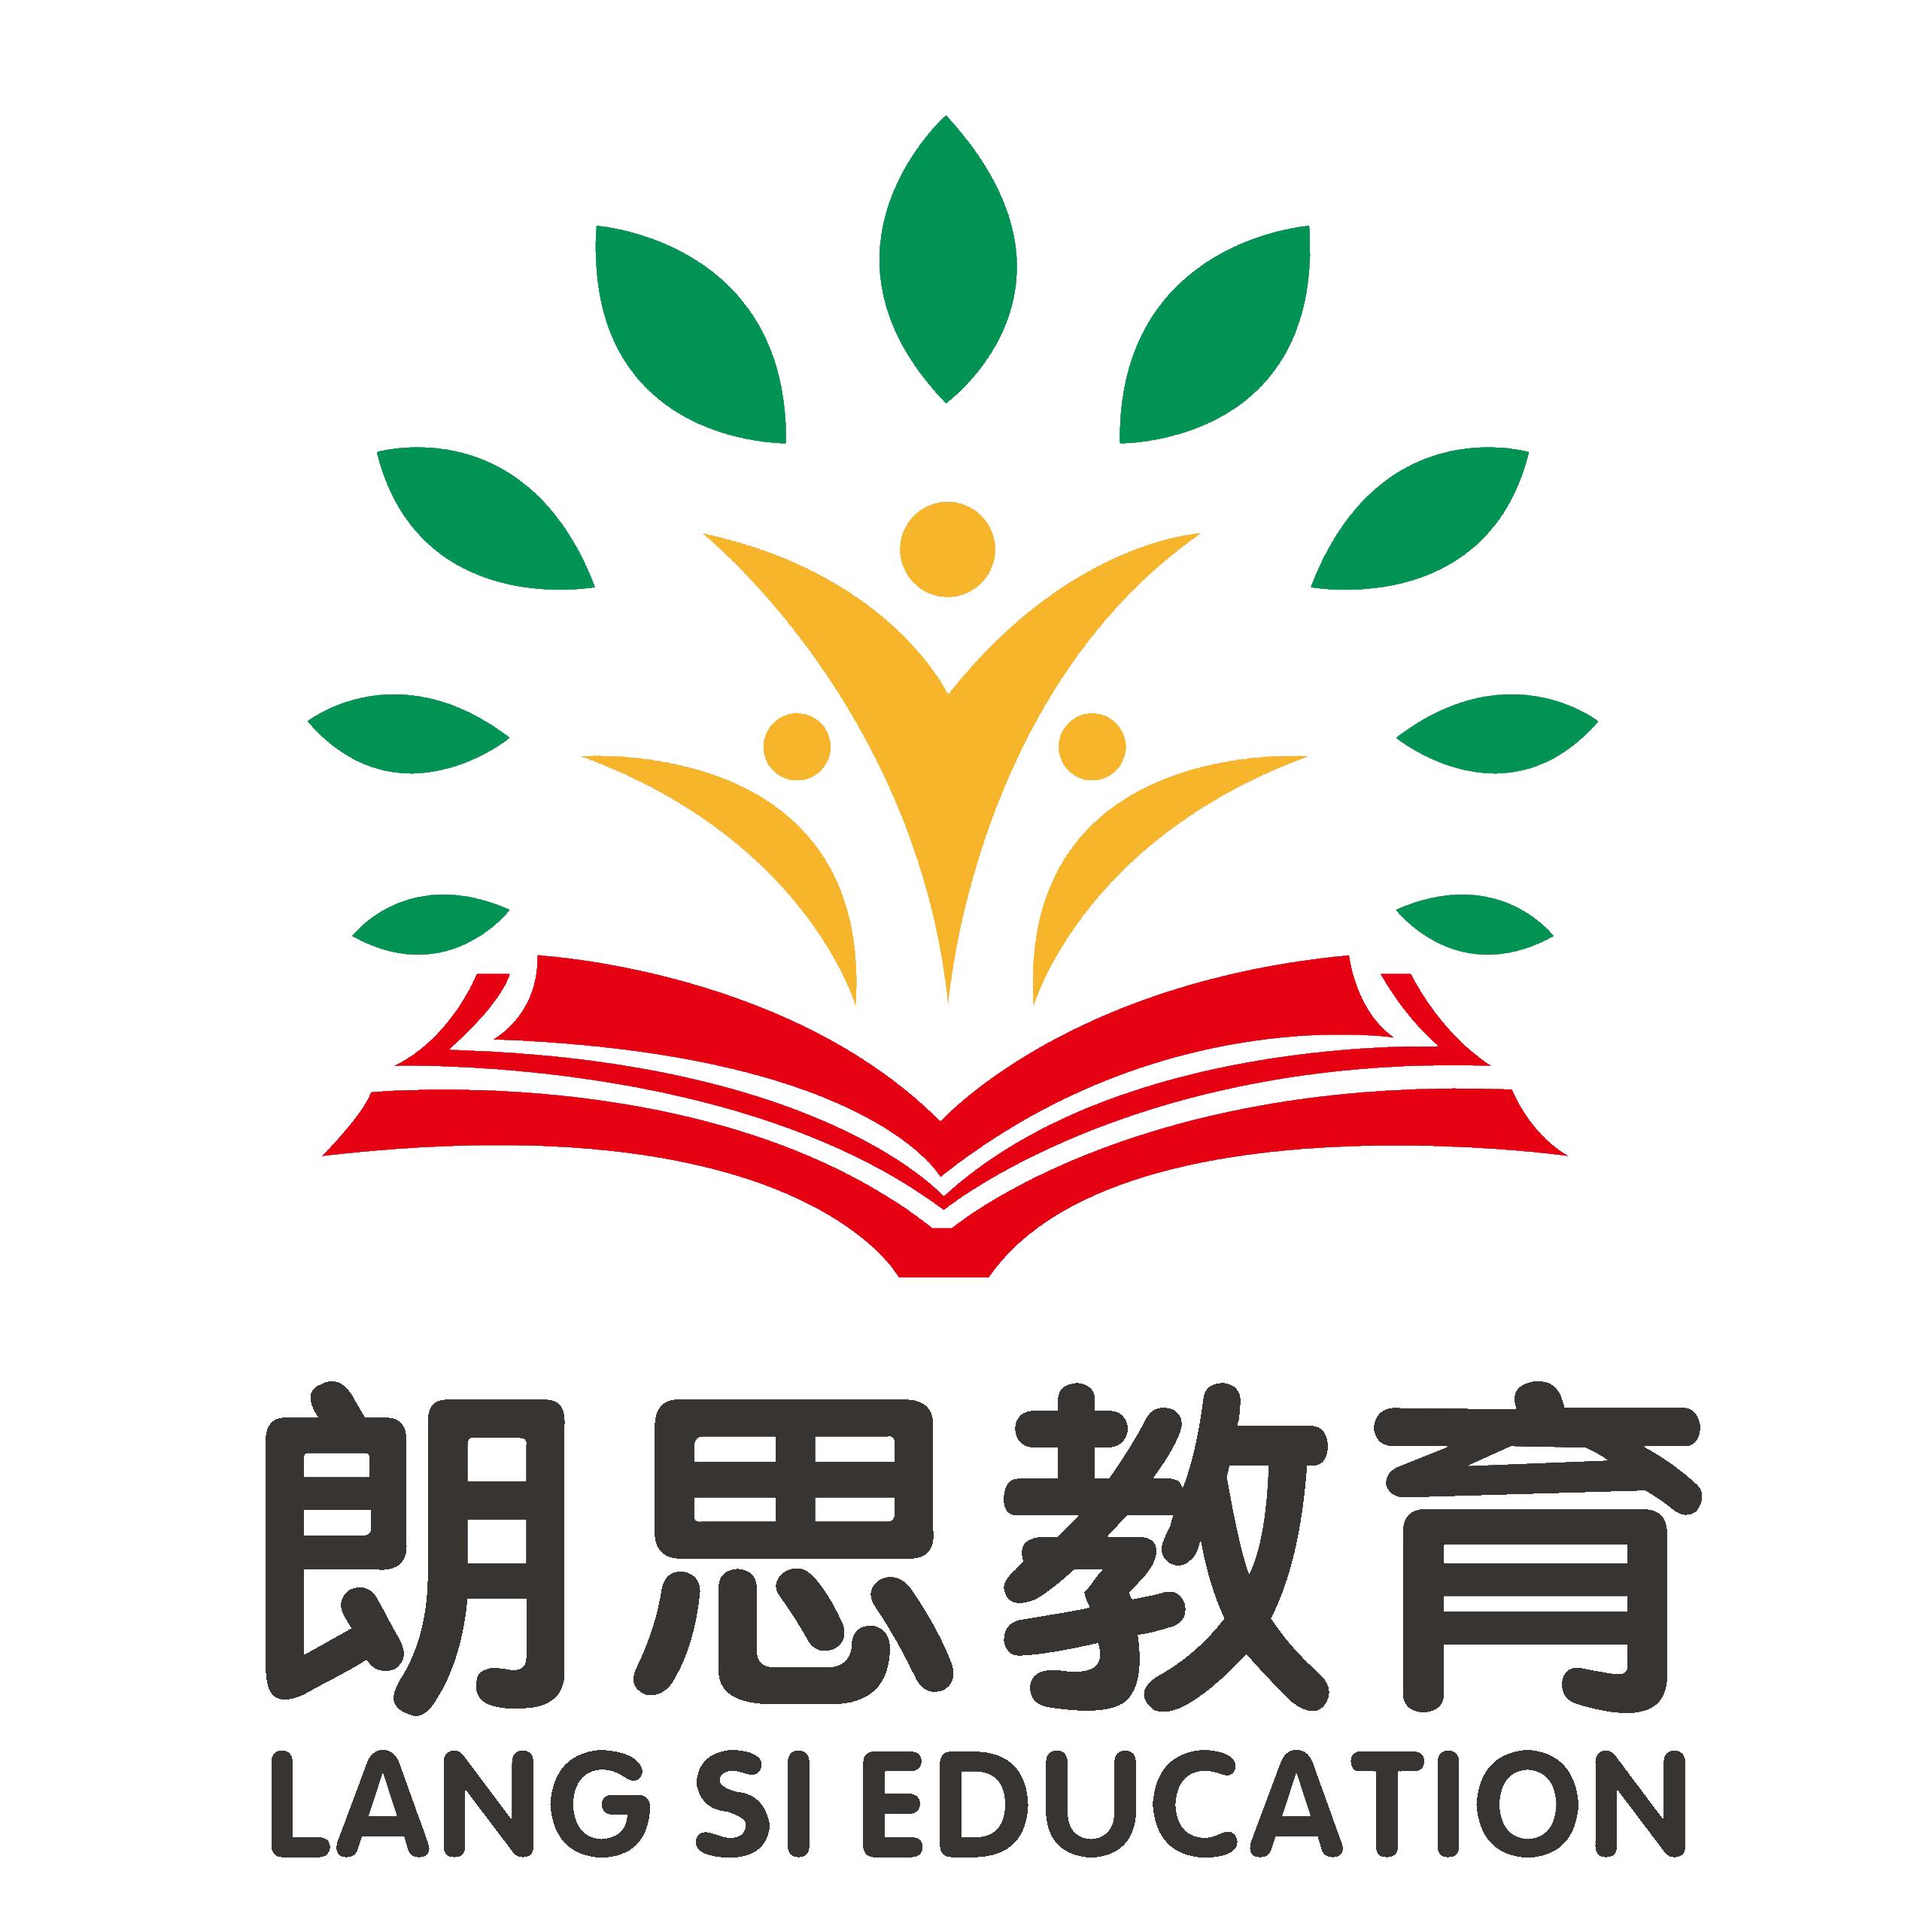 中山市朗思教育培训中心有限公司